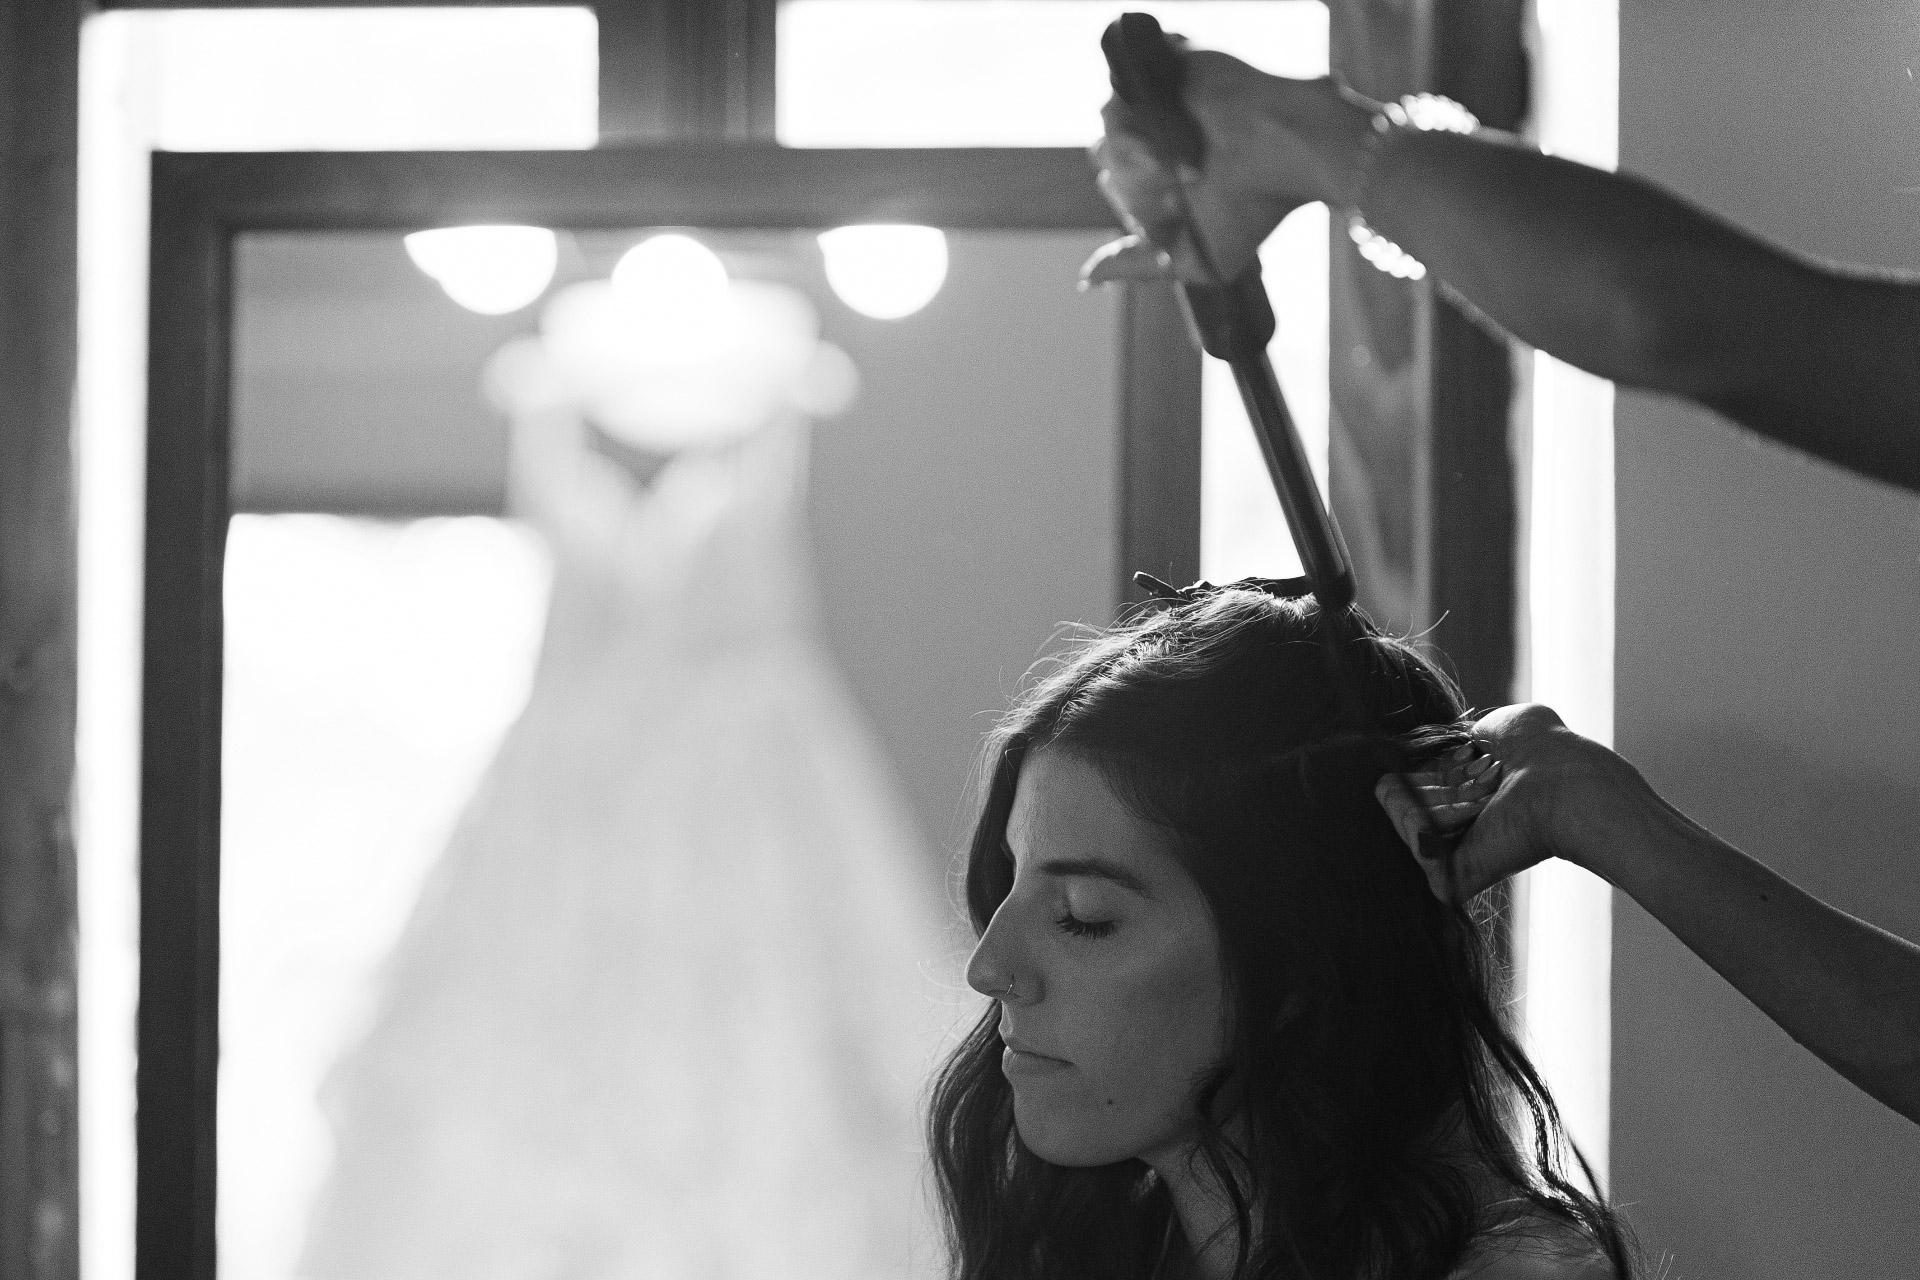 Arezzo Hochzeit, Toskana, IT Elopement Image | die Braut, entspannt während der Vorbereitung